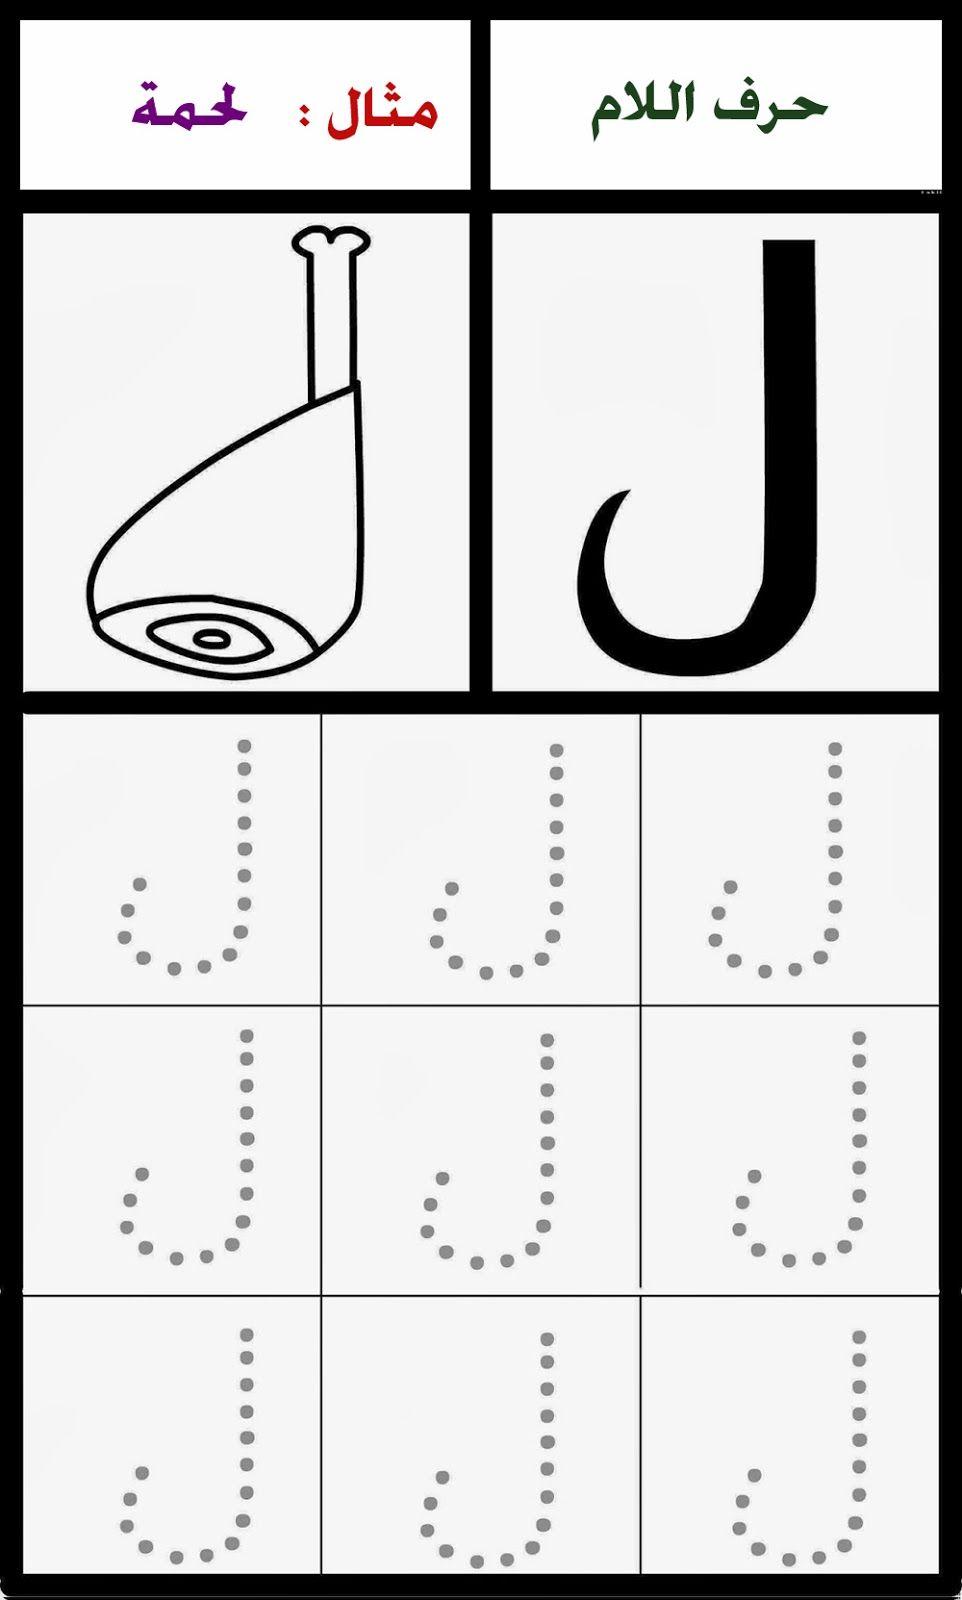 ألبومات صور منوعة البوم صور لرسم اشكال حروف هجاء اللغة العربية مع الأمثلة لكل حرف Arabic Alphabet For Kids Learn Arabic Alphabet Alphabet For Kids